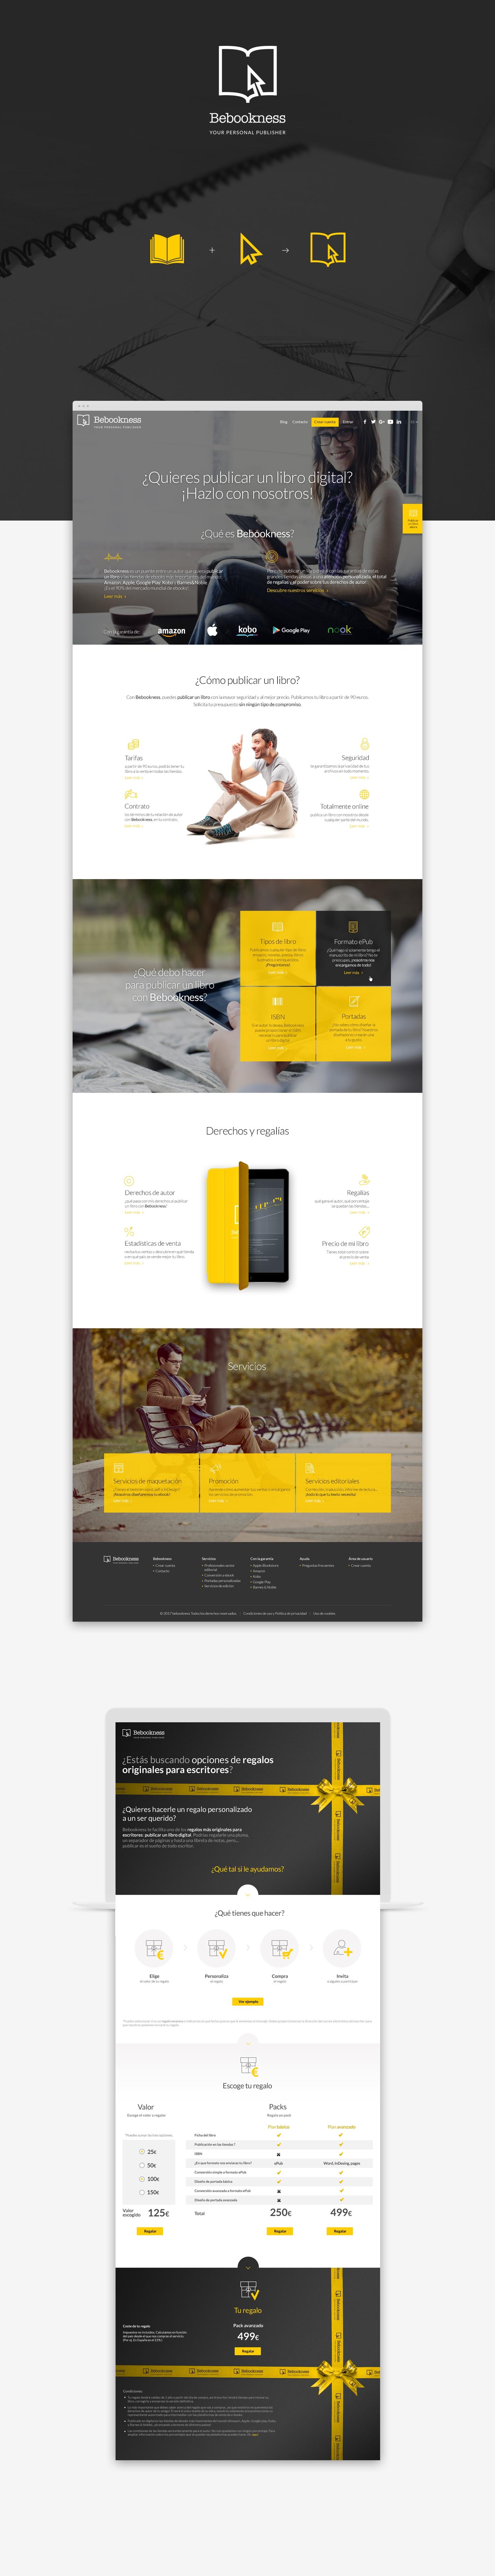 Diseño web responsive · Bebookness · Samuel Matito · diseñador freelance